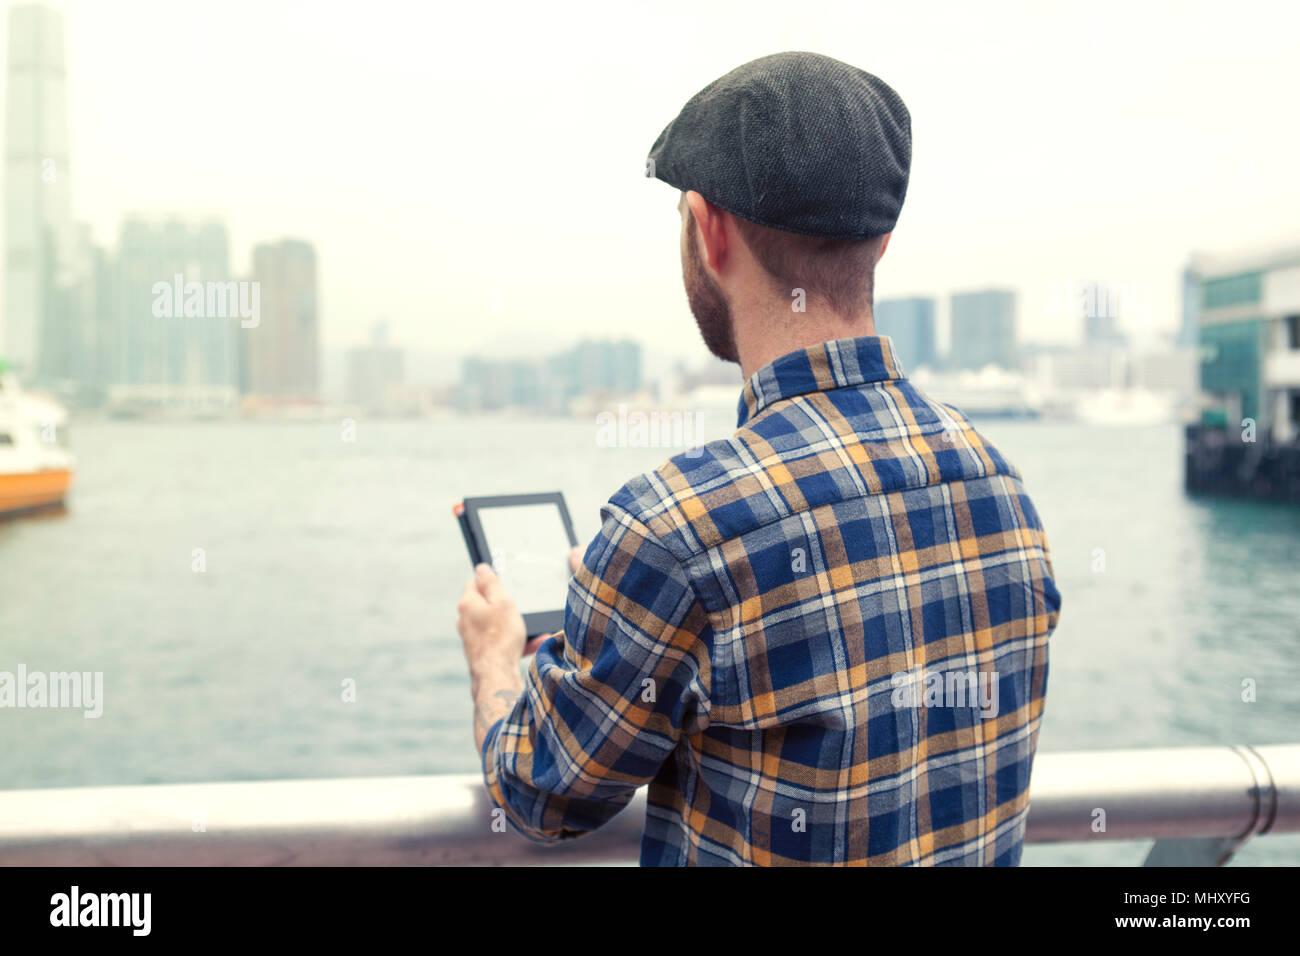 Uomo con tavoletta digitale che guarda lontano in vista del porto, vista posteriore, Hong Kong, Cina, Asia orientale Immagini Stock